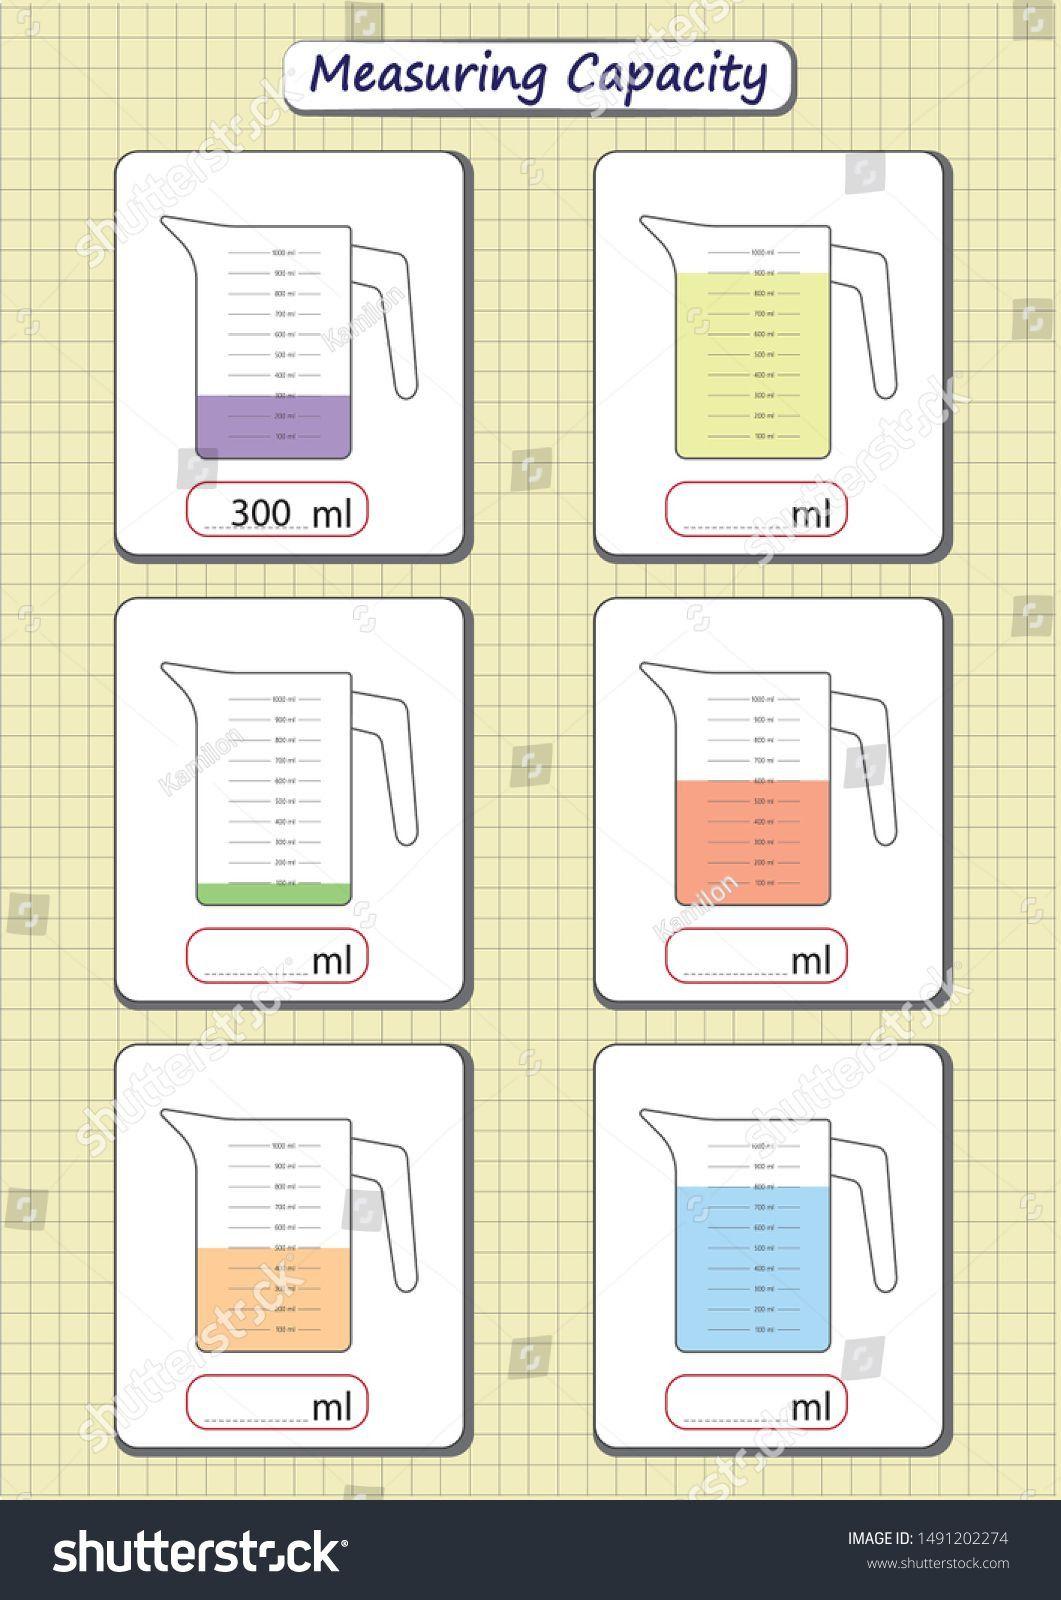 Capacity Worksheets For Kindergarten In